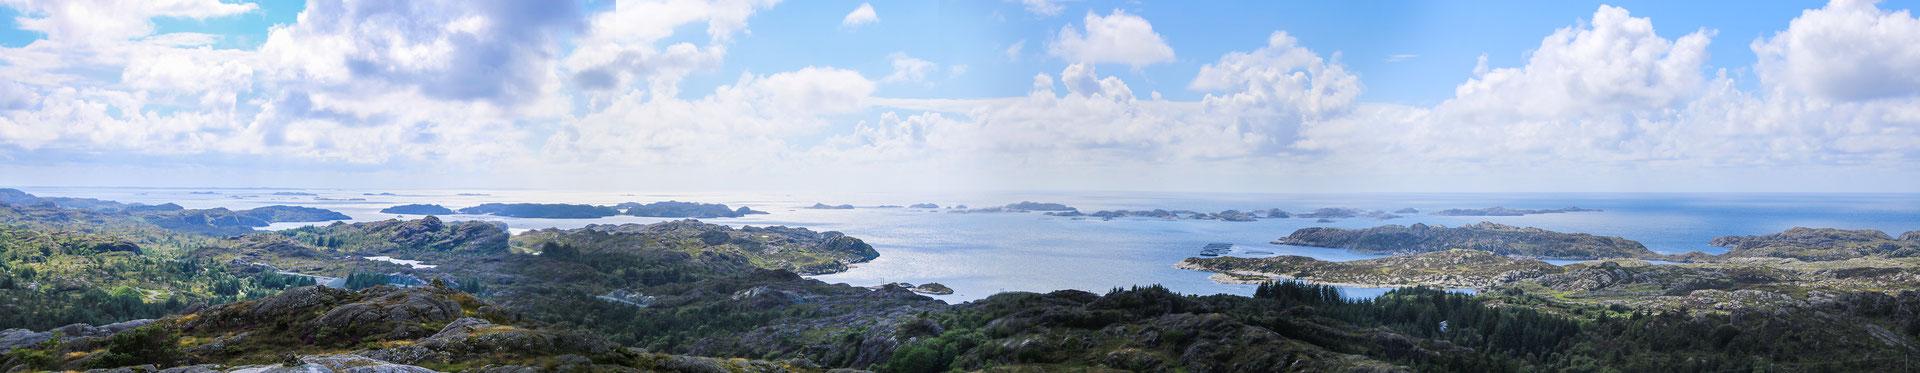 Was ein Panorama :-)